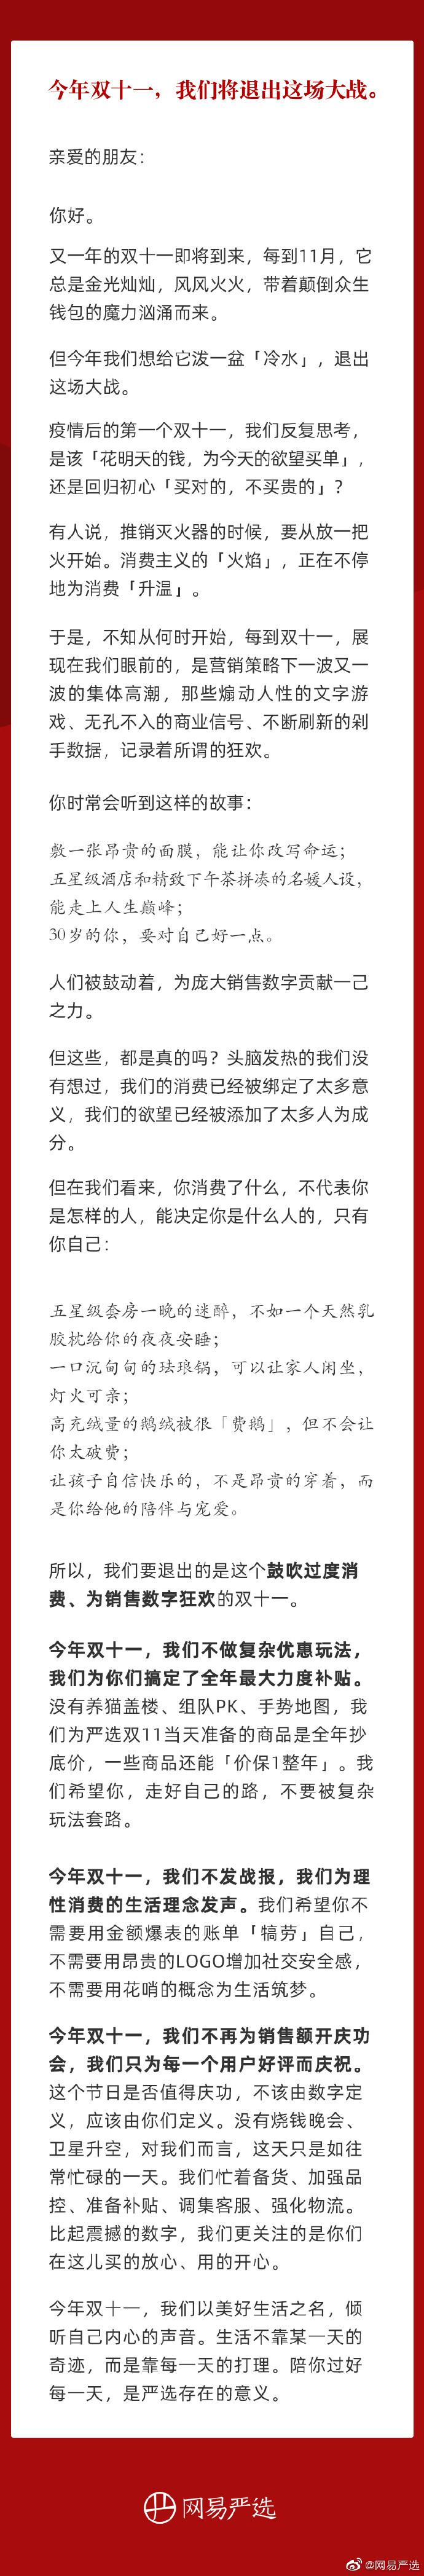 """疫情后首次双十一群雄逐鹿  网易严选""""退赛"""""""